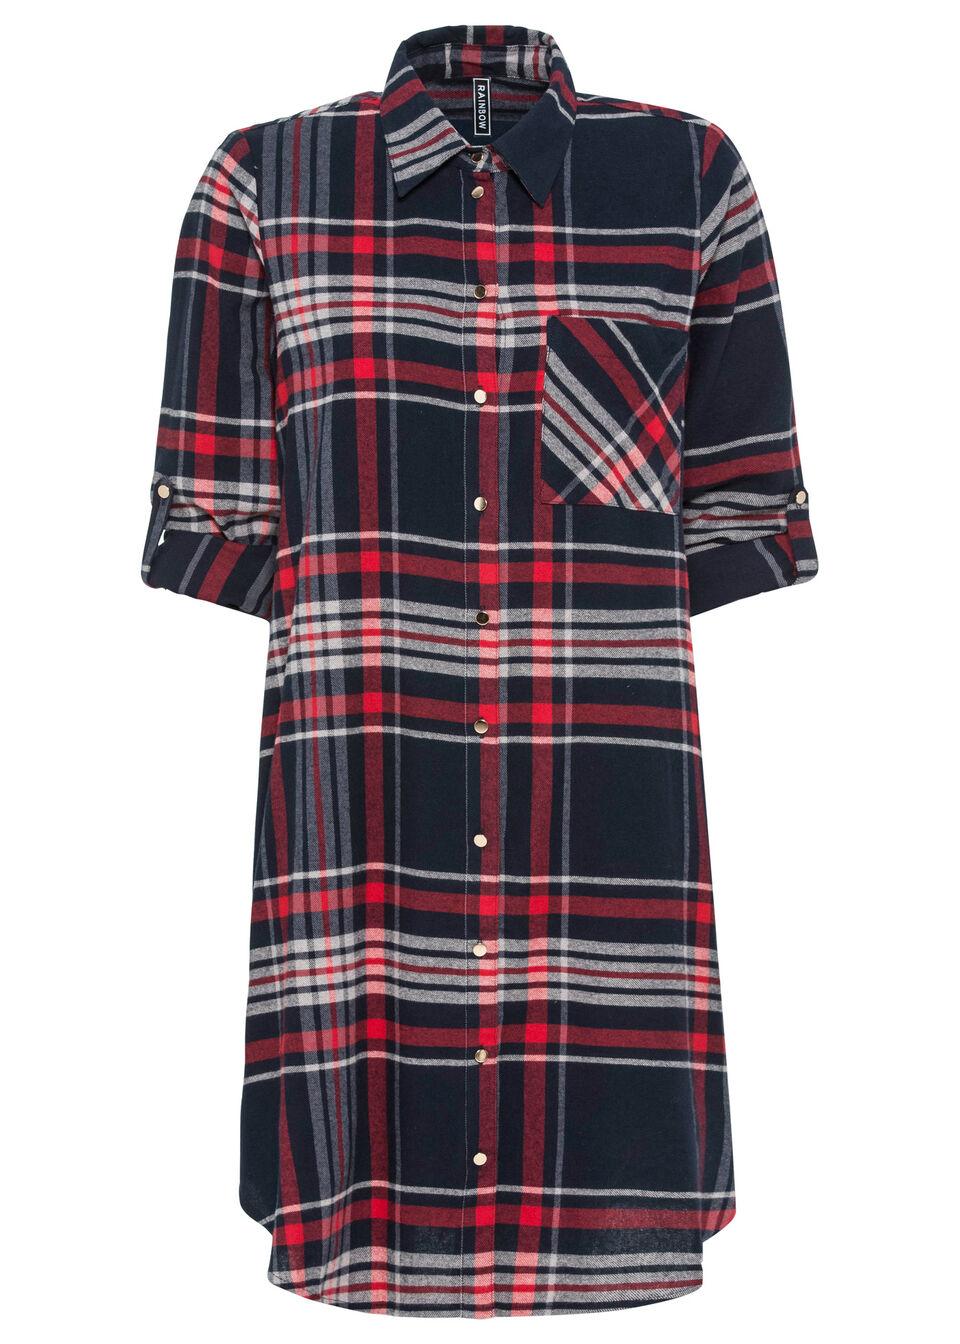 Фото - Платье-рубашка от bonprix цвет тёмно-синий-красный-белый в клетку